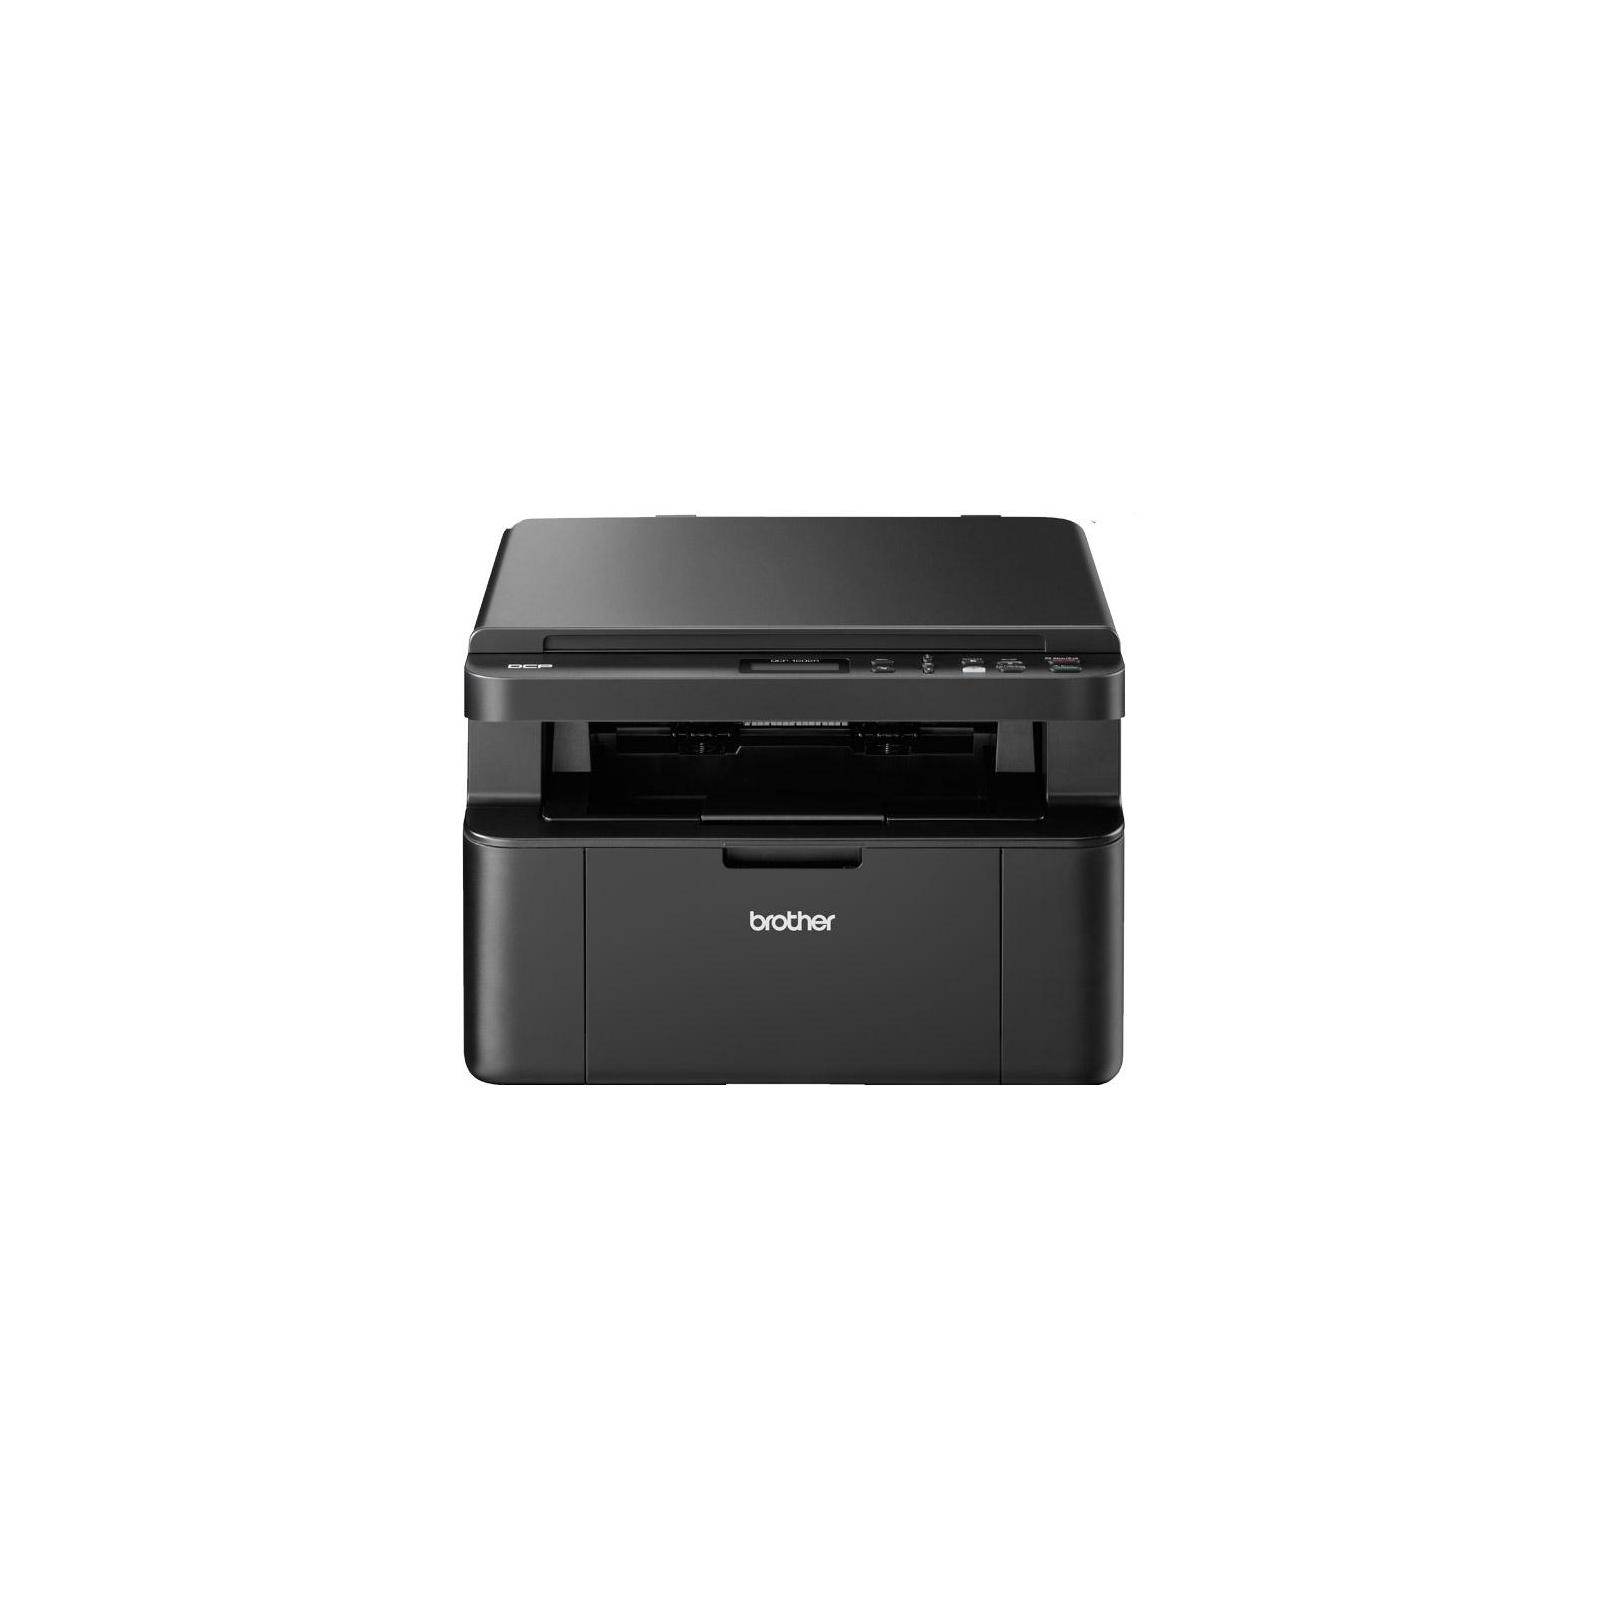 Многофункциональное устройство Brother DCP-1602R (DCP1602R1) изображение 2